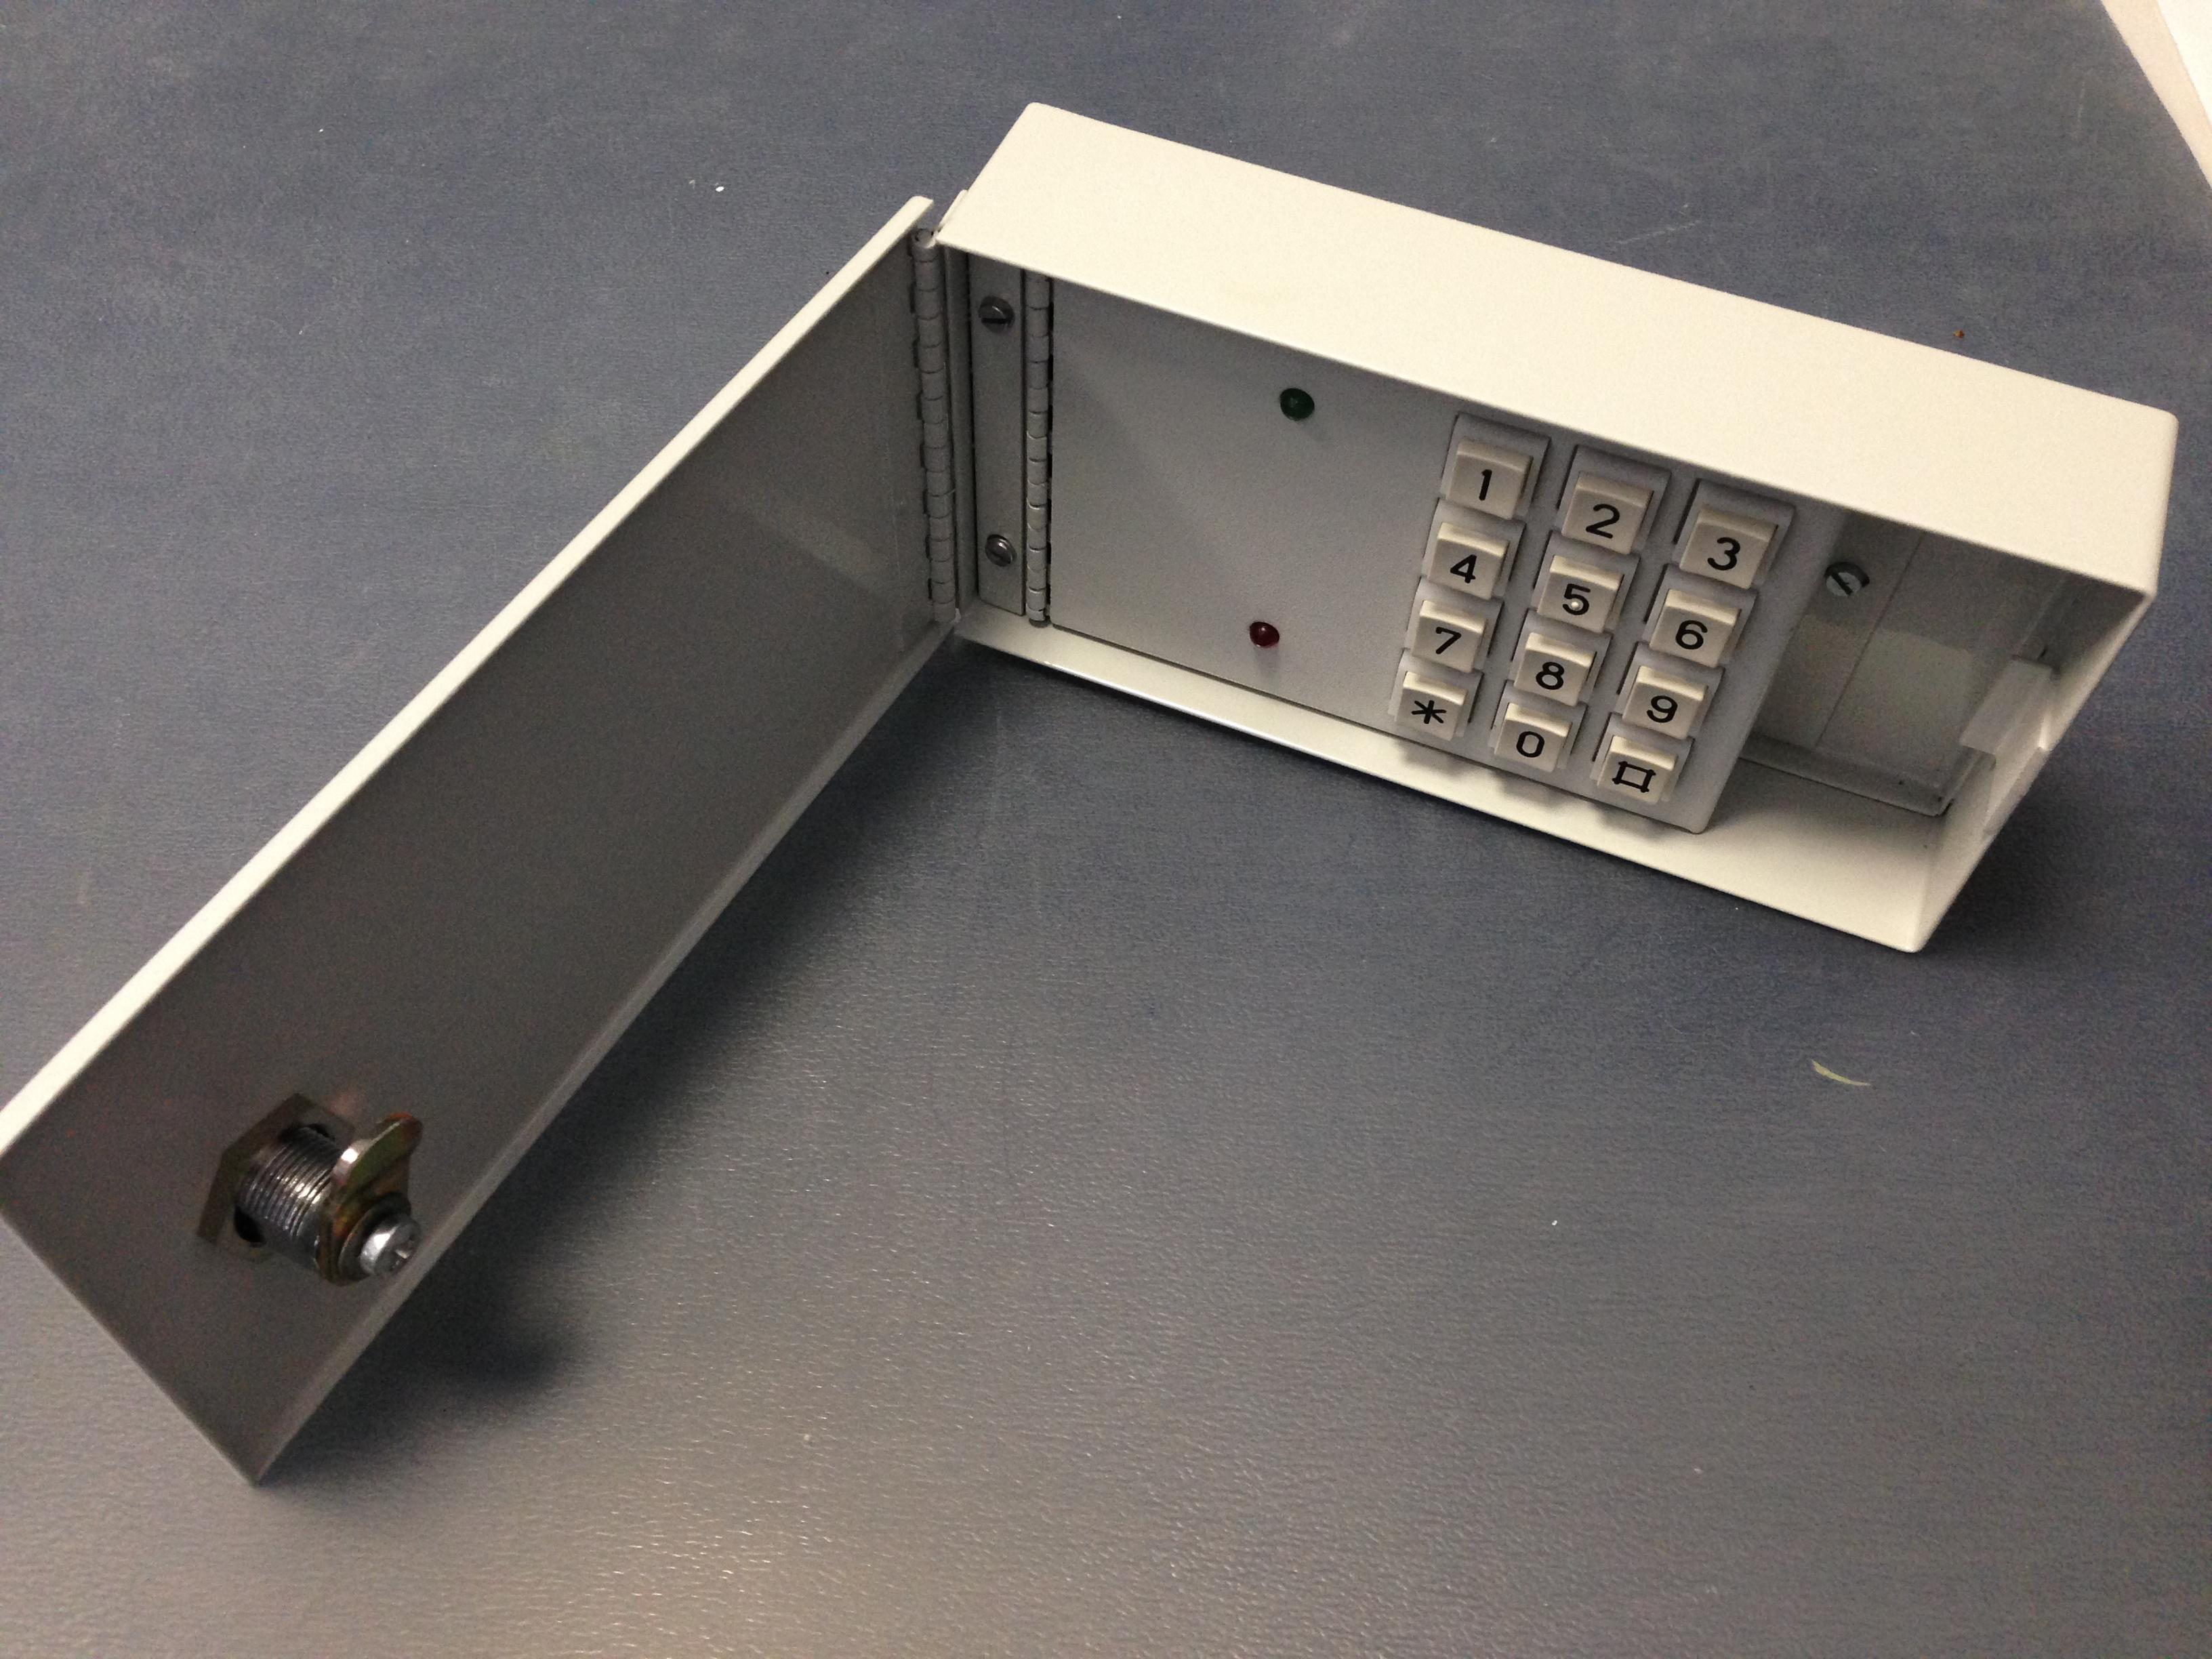 Цифровой кодовый замок AS 14 X AC/DC model1995 - купить в интернет магазине с доставкой, цены, описание, характеристики, отзывы